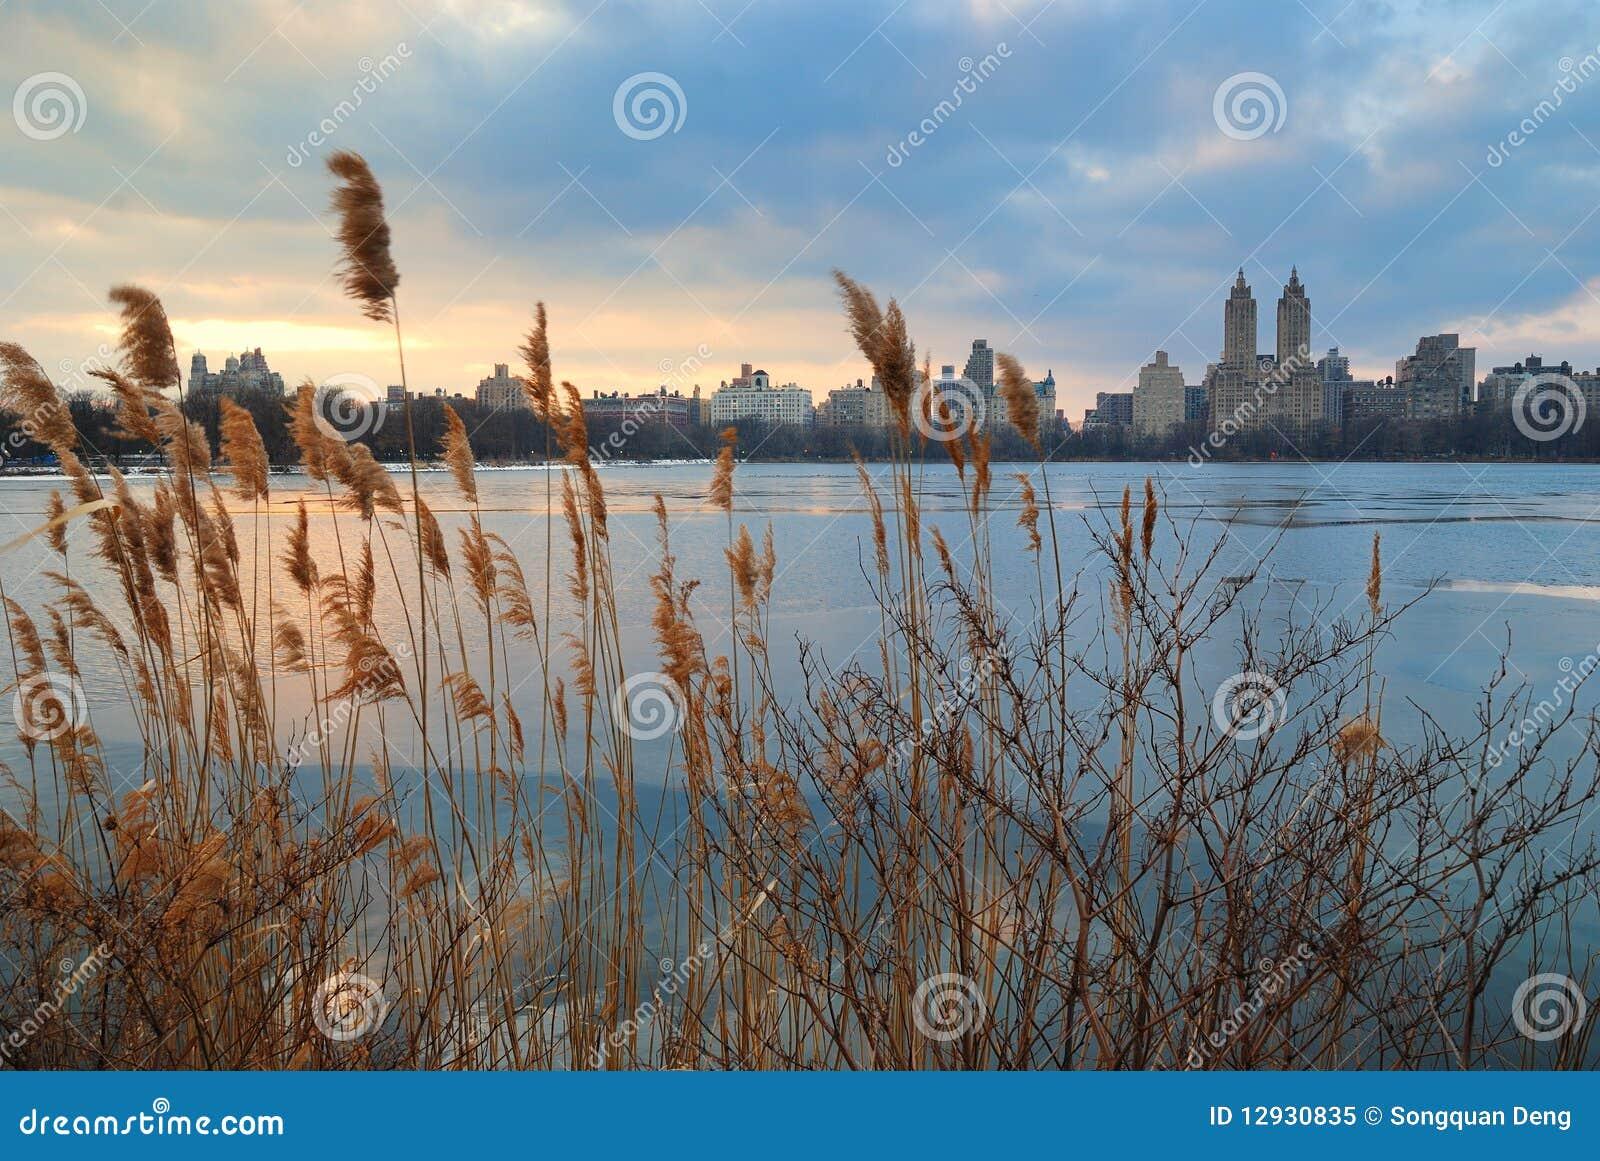 Coucher du soleil de central park new york city photo - Coucher du soleil new york ...